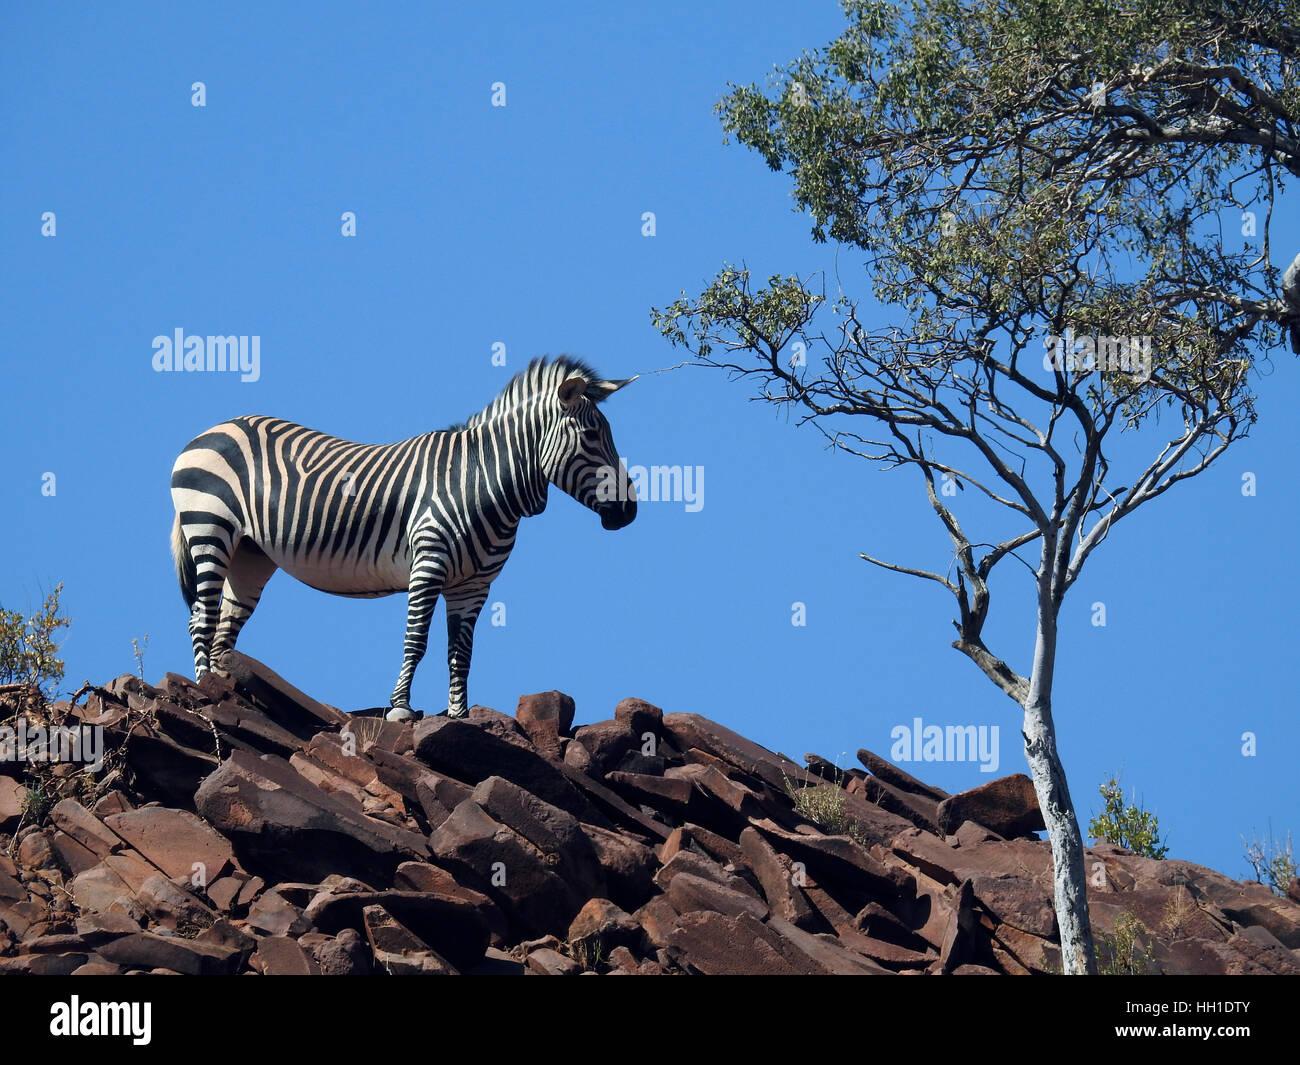 Hartmann's Mountain Zebra (Equus zebra hartmannae) in rugged terrain, Damaraland, Namibia - Stock Image